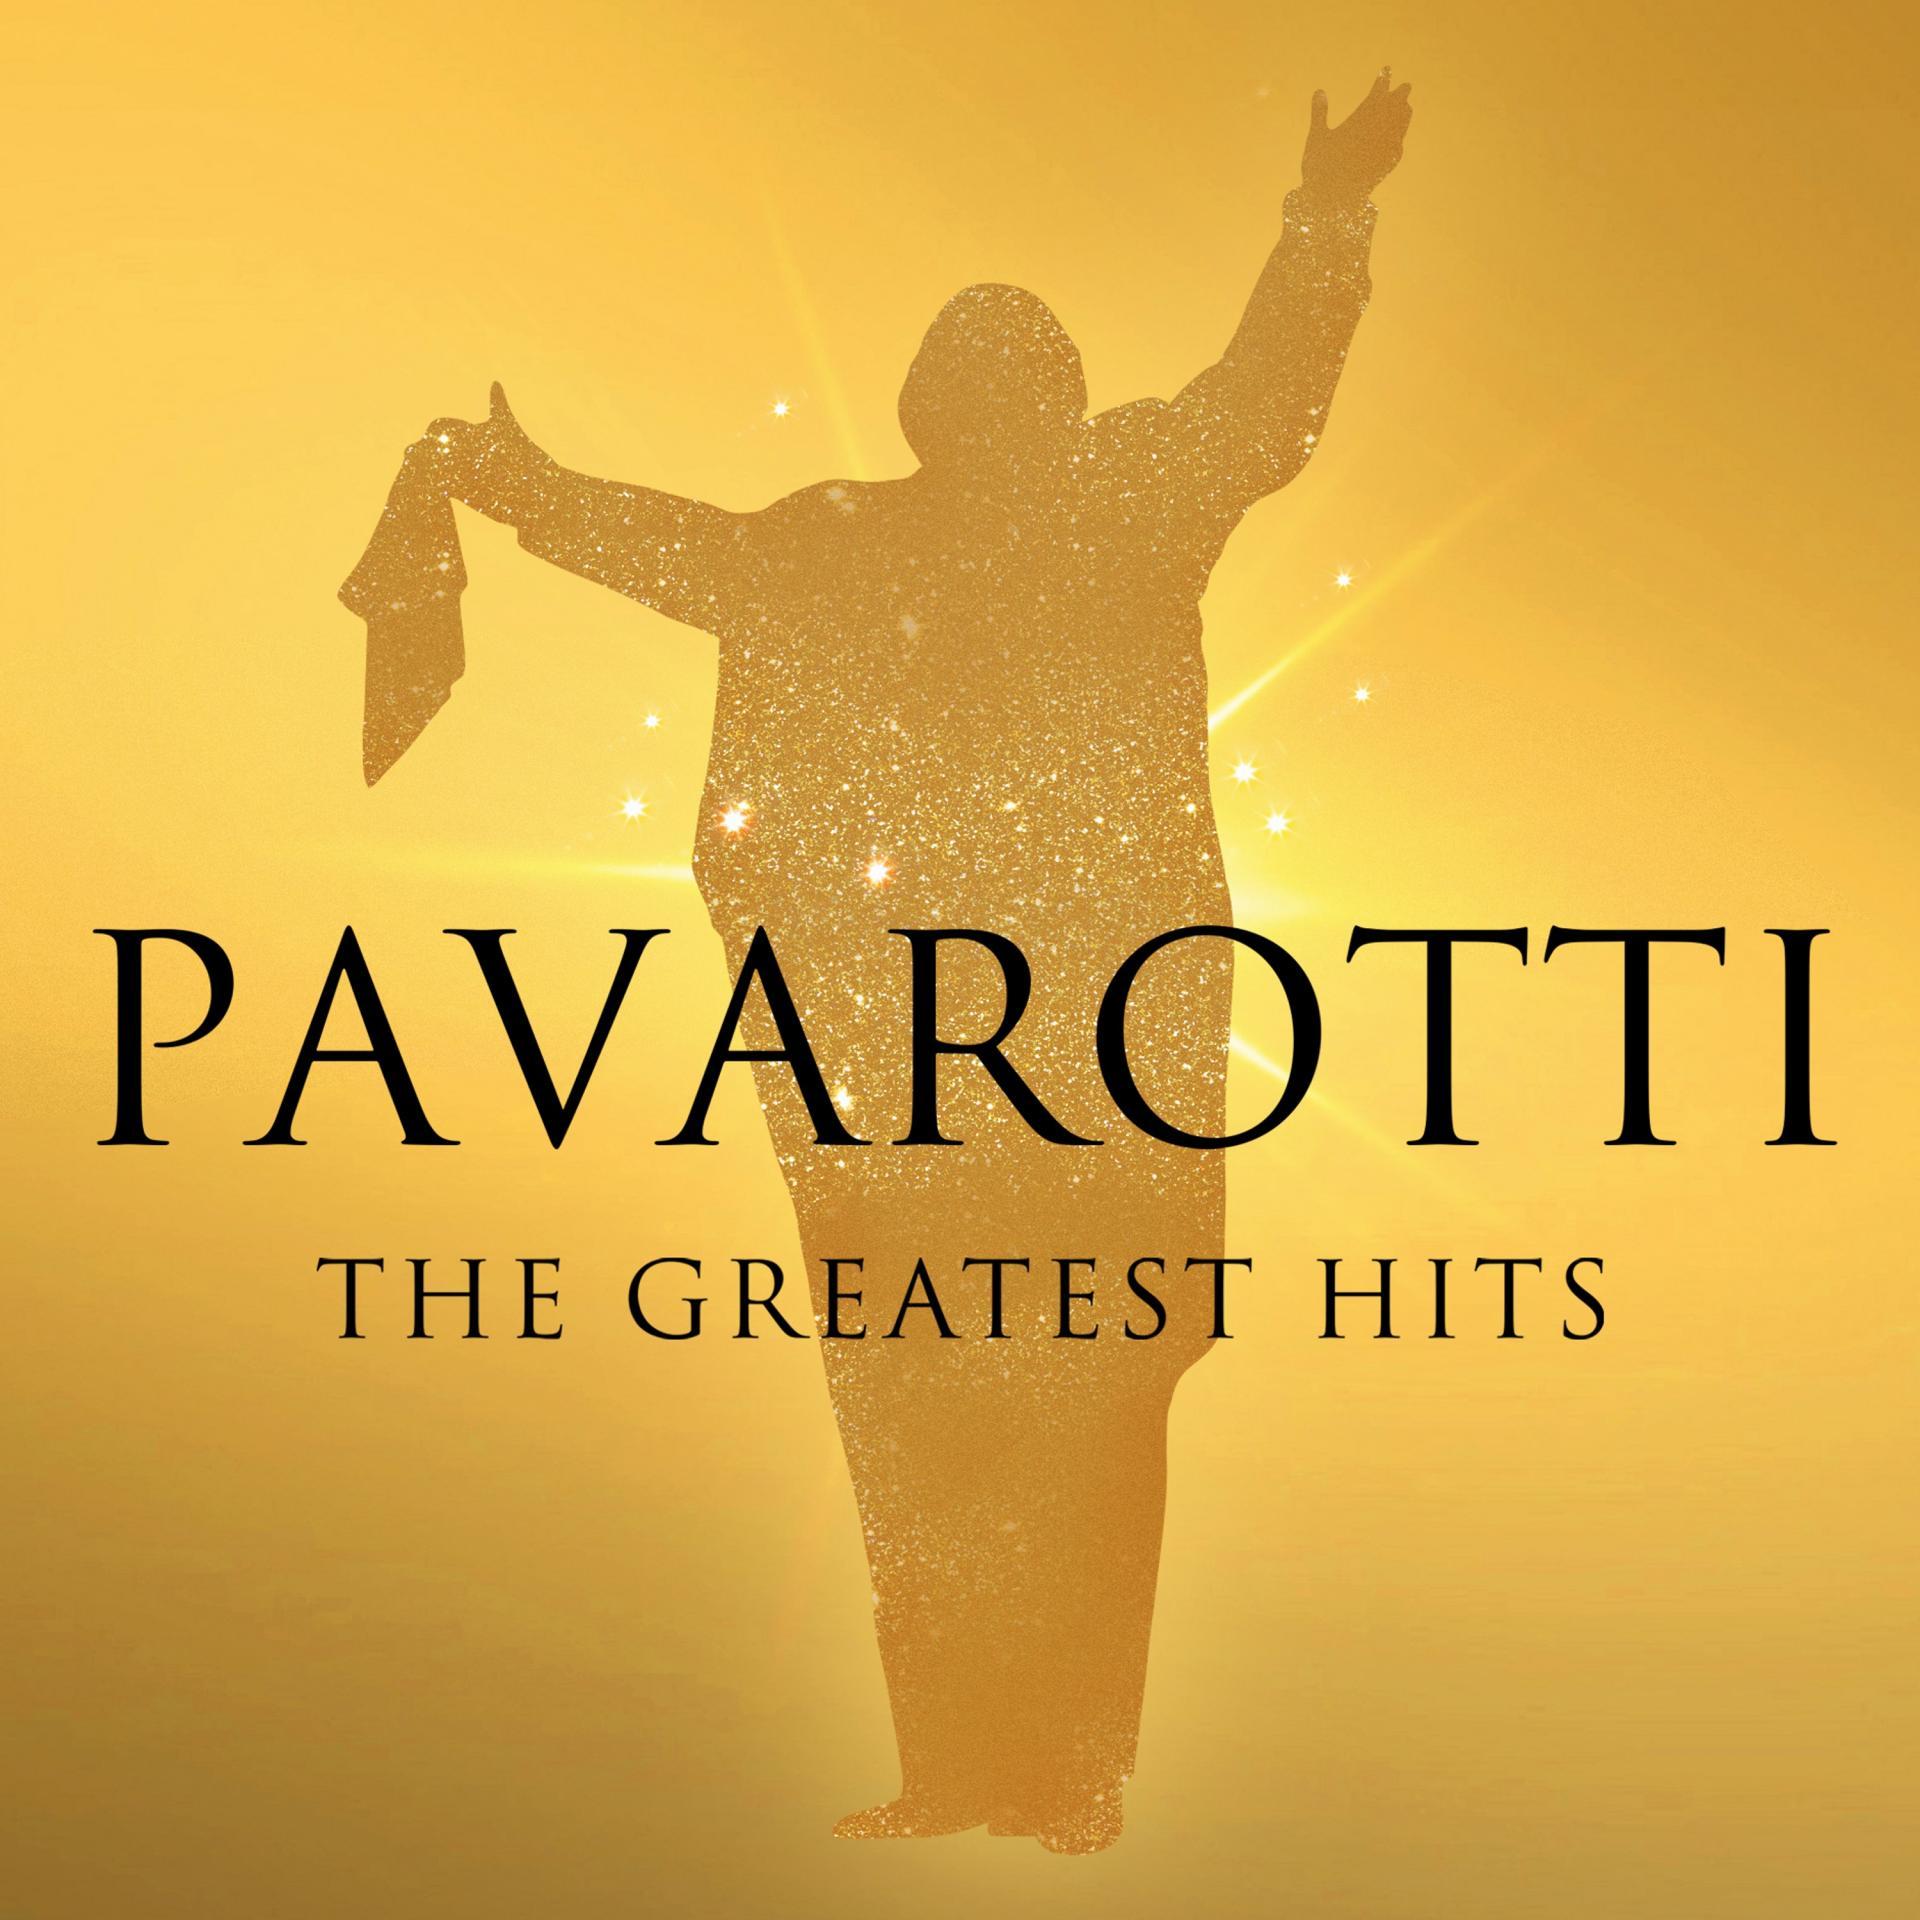 En janvier, réécoutez Pavarotti !